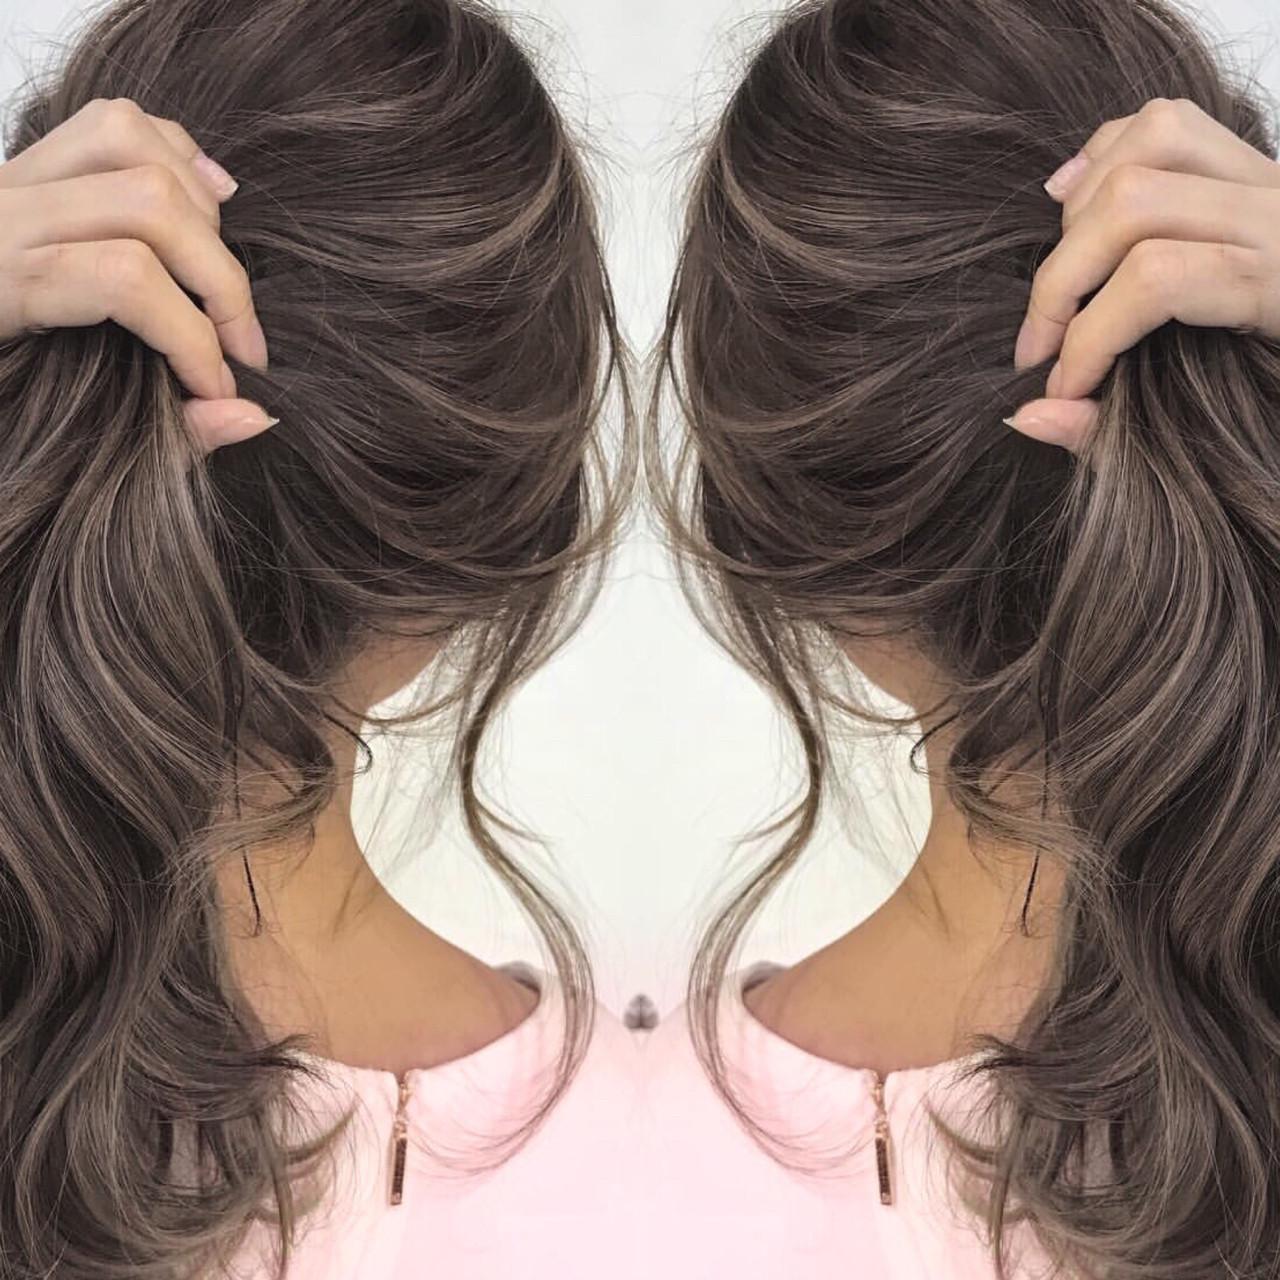 ゆるふわ グレージュ 透明感 上品 ヘアスタイルや髪型の写真・画像 | デザインカラー講師 REOMA / BLITZ R-EVOLUT